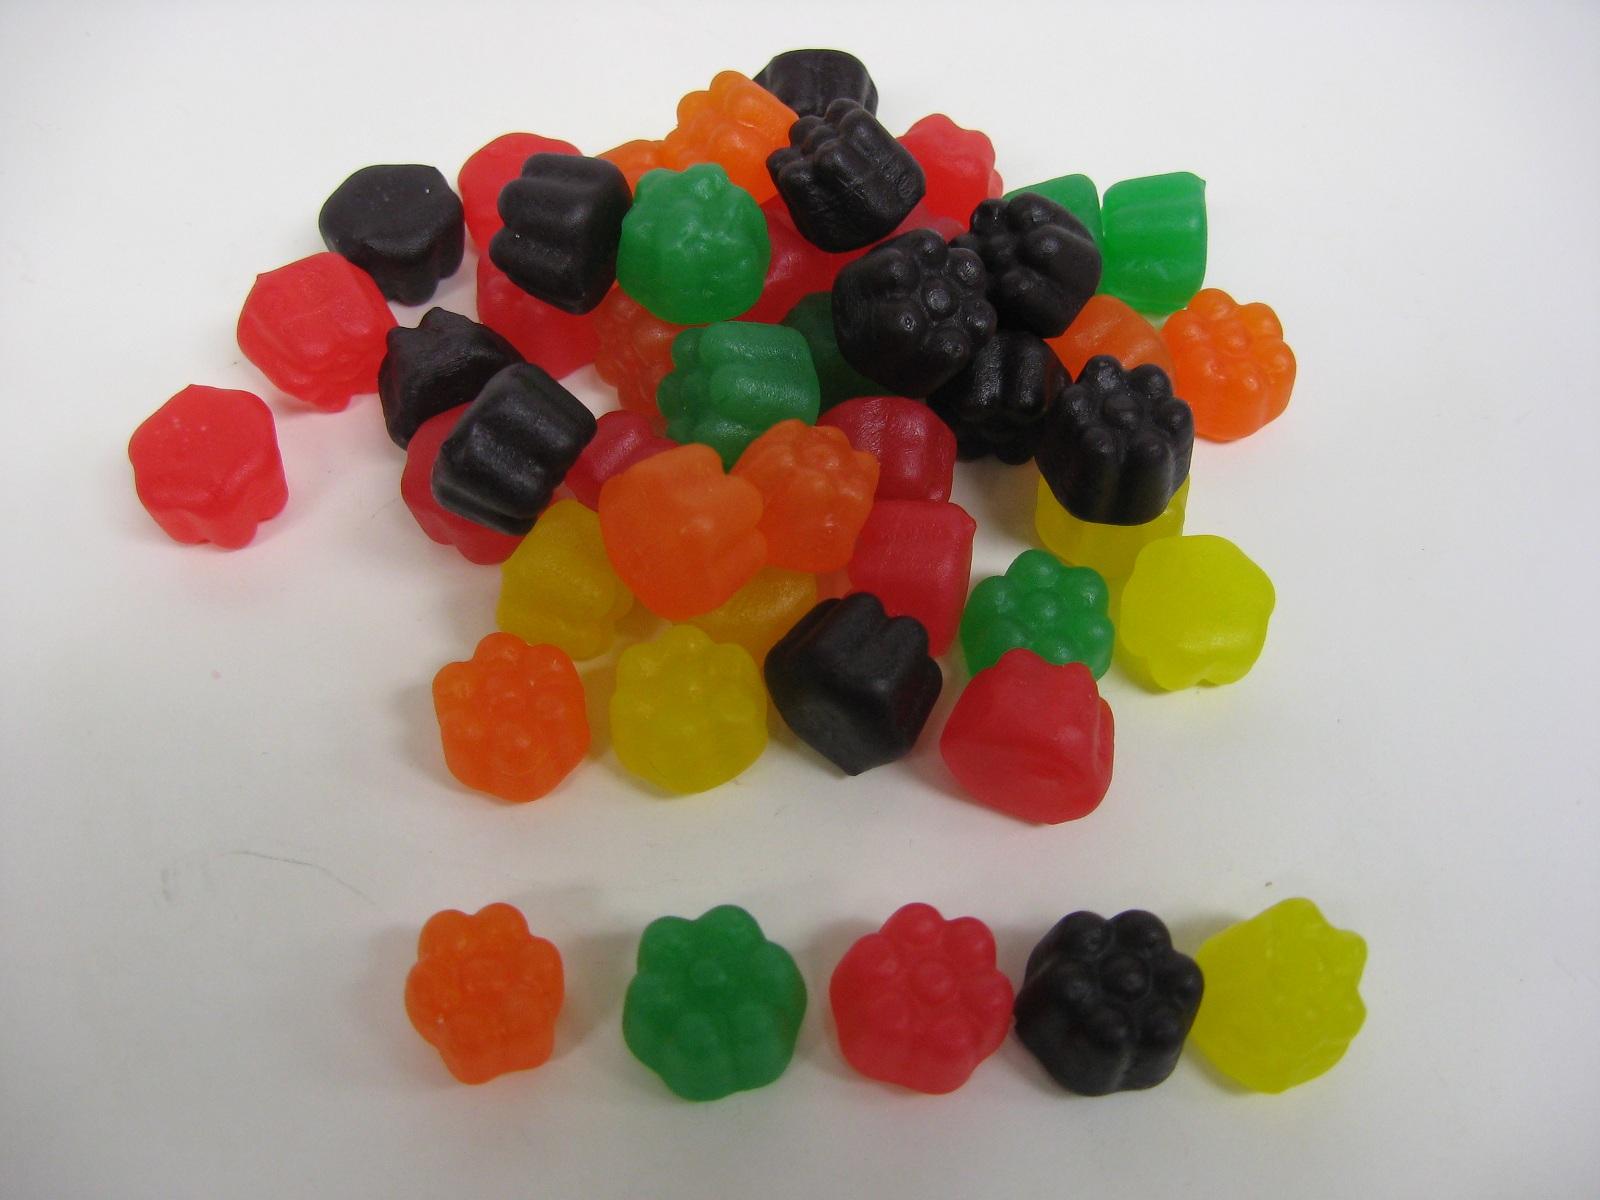 JuJu Fruits Jujube Jujy Fruits Bulk Candy 5 Pounds EBay